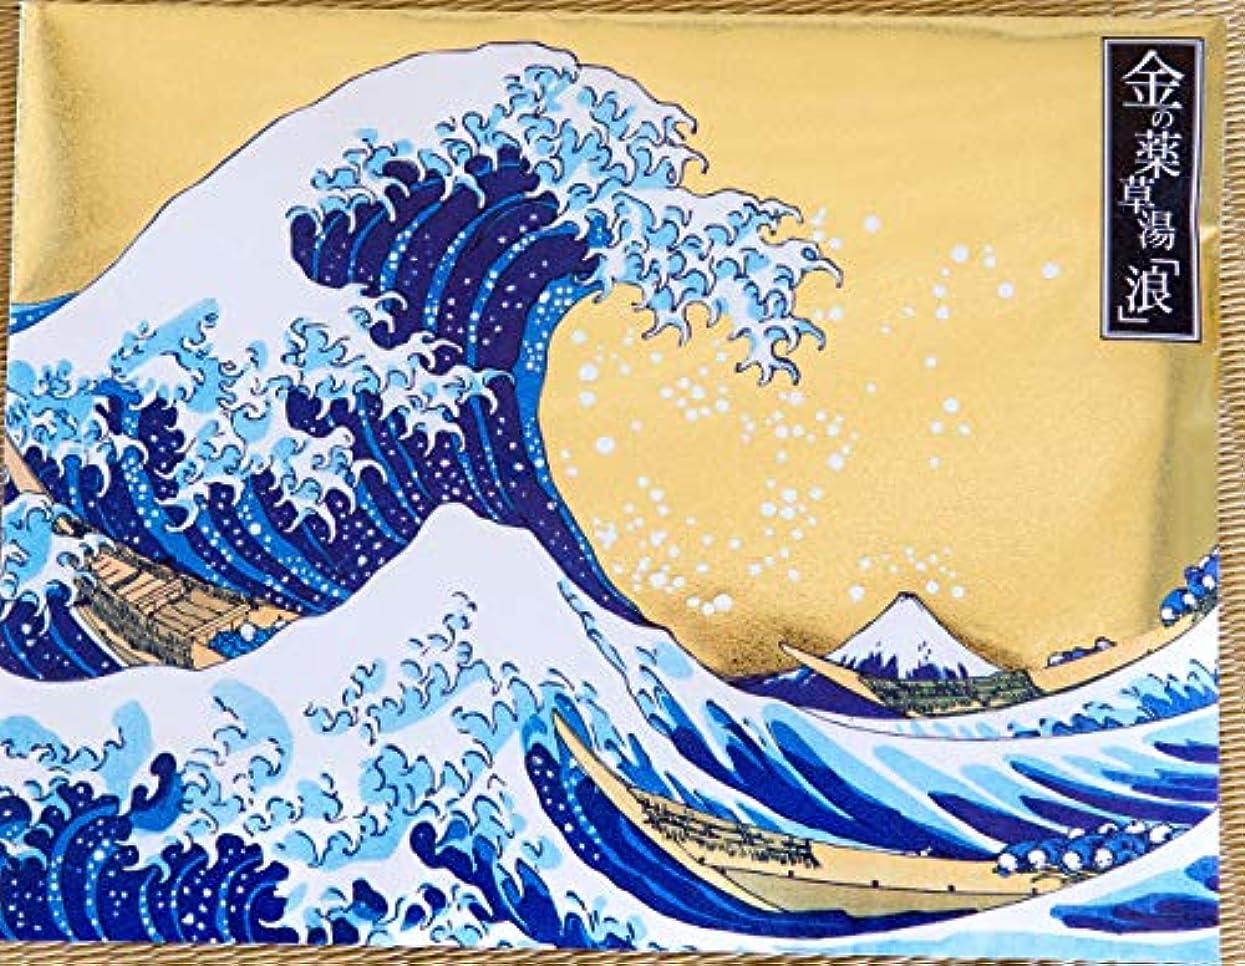 グリーンバック松サークル金の薬草湯「浪」 神奈川沖浪裏(富嶽三十六景)